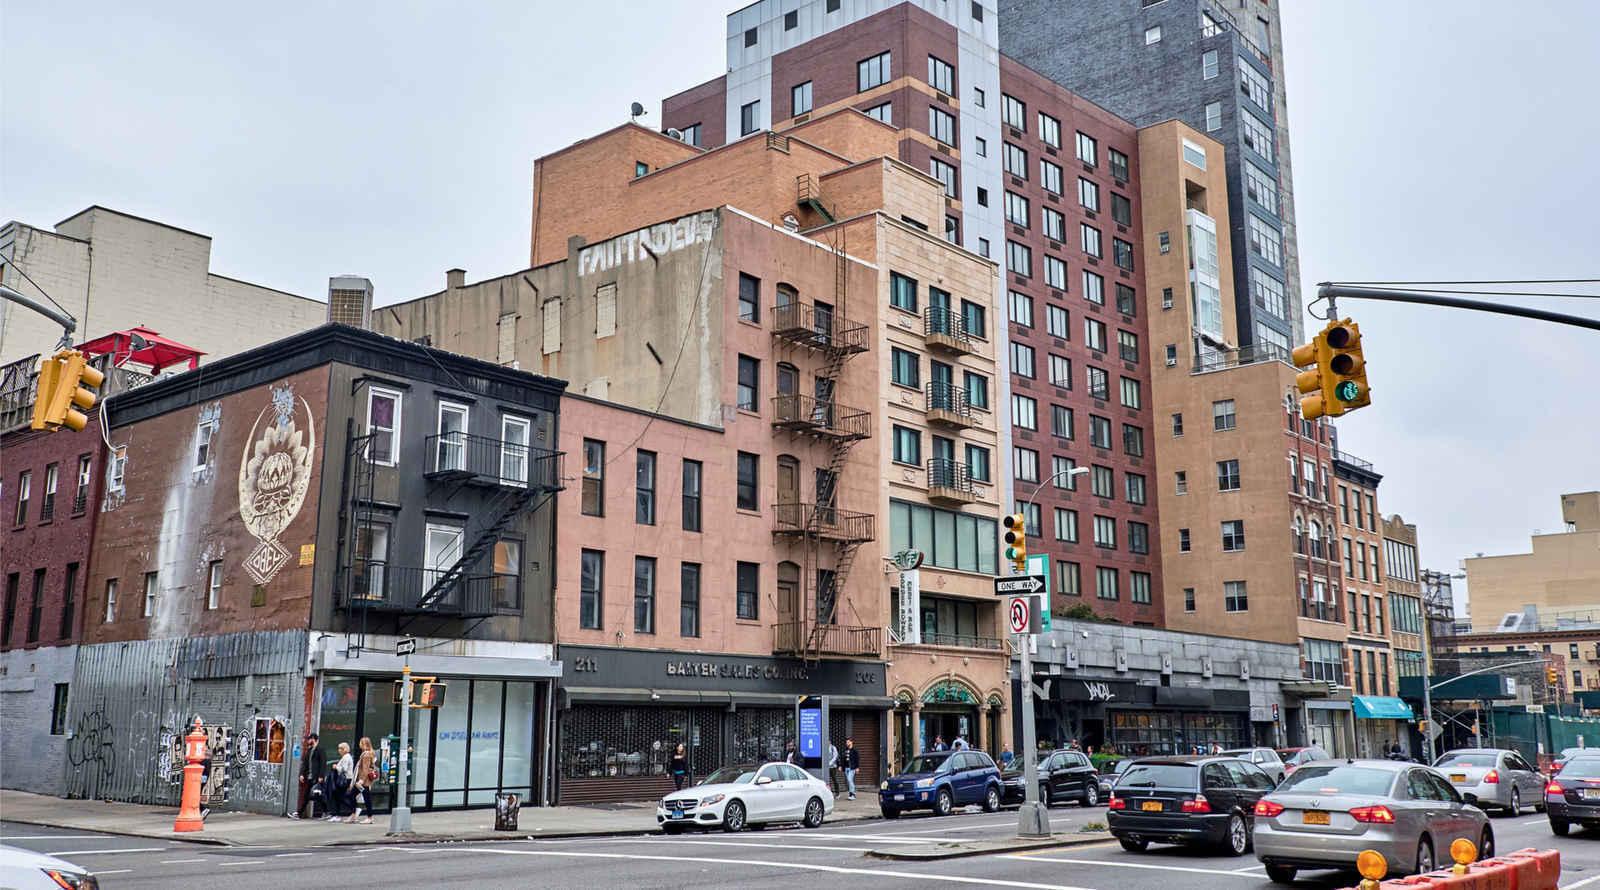 Architecture in Bowery neighborhood of Manhattan, New York